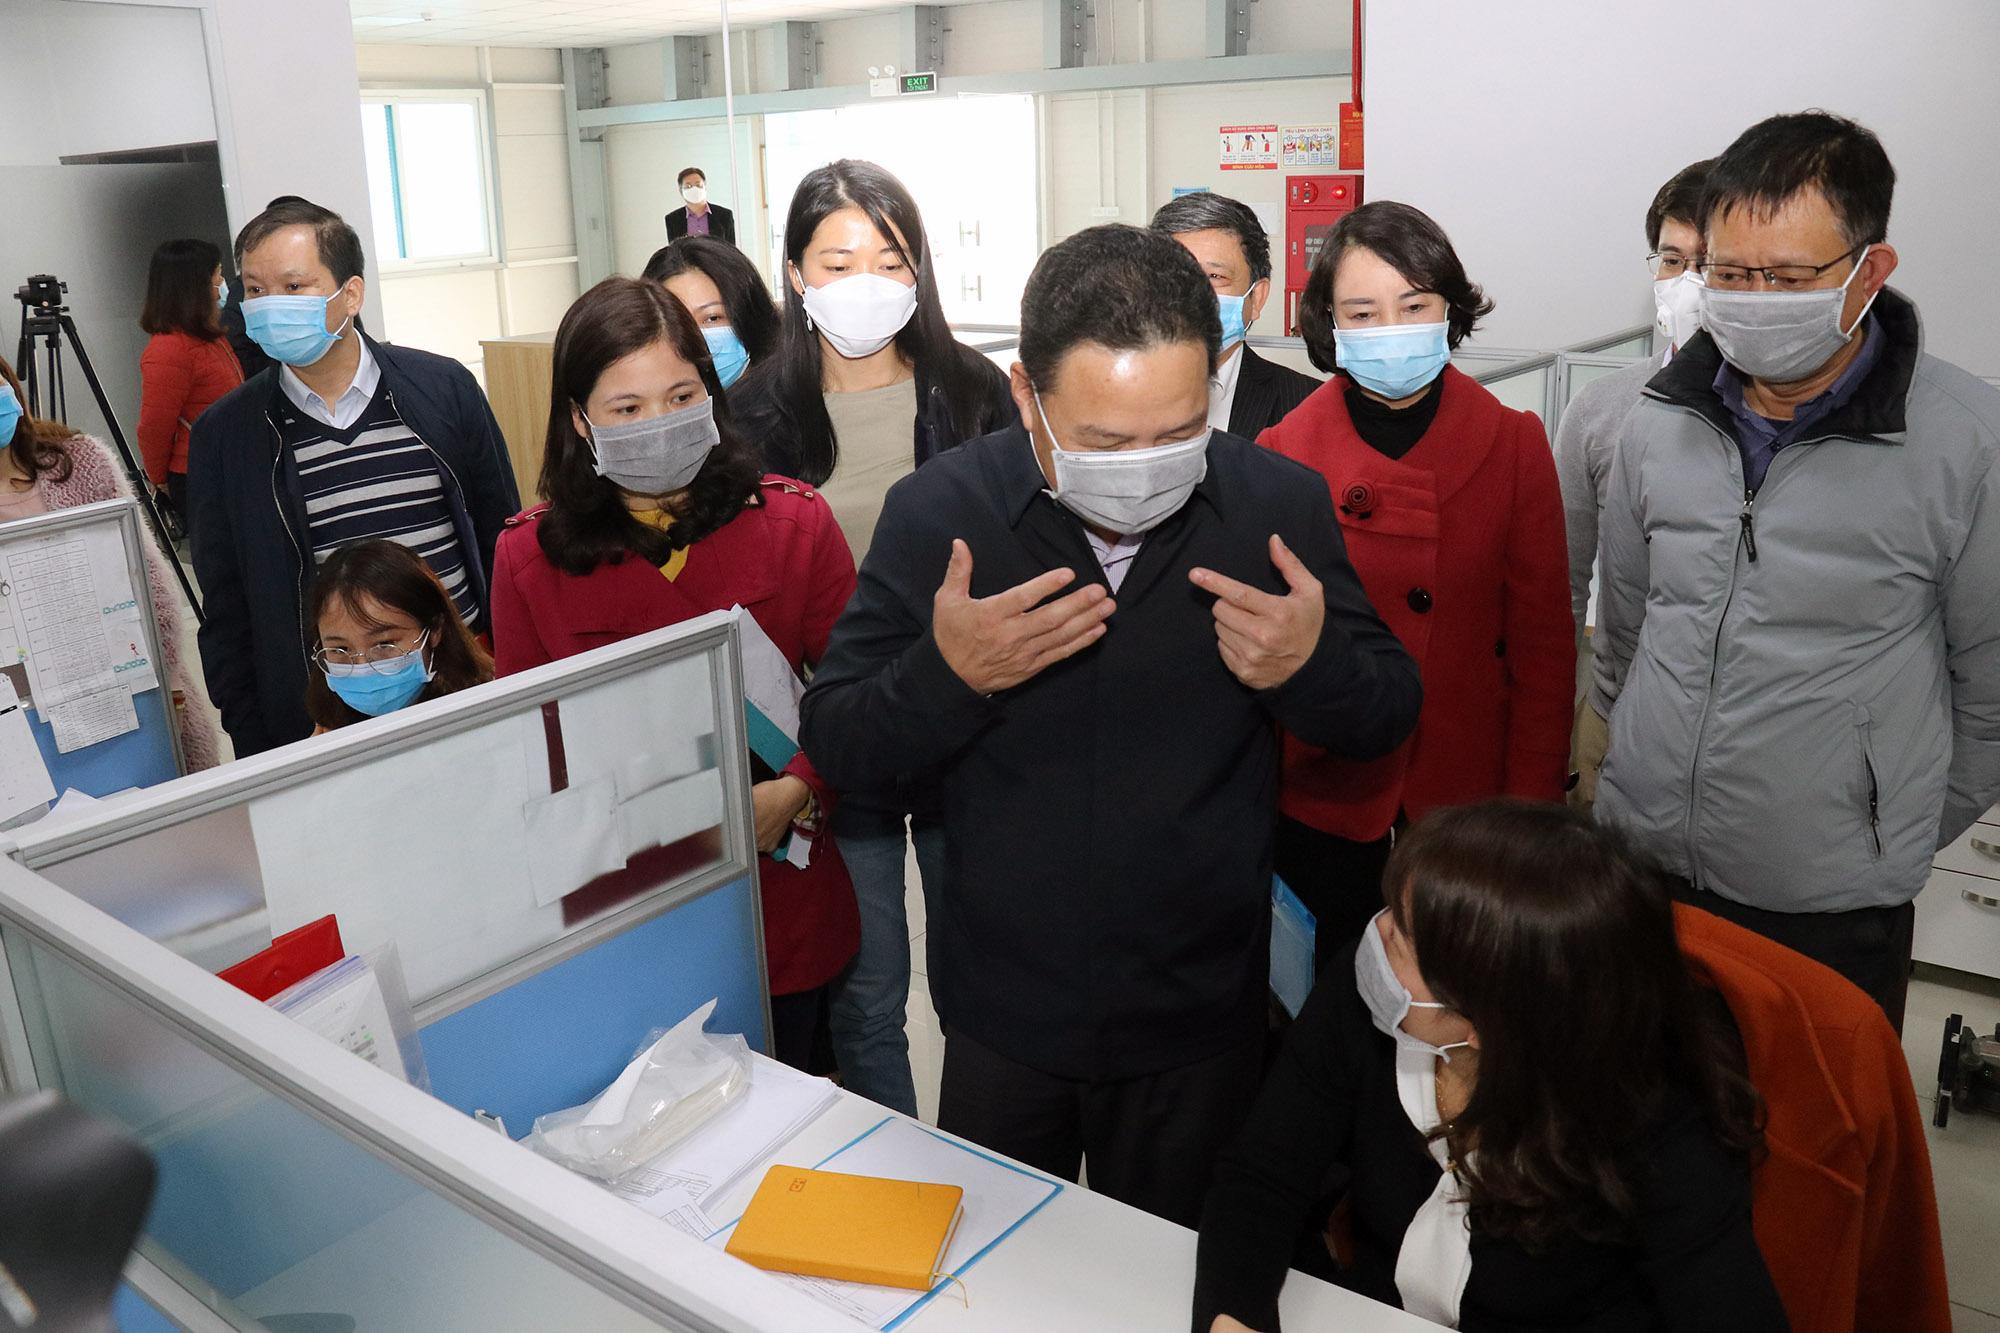 Lãnh đạo Bộ Lao động, Thương binh và Xã hội đi kiểm tra công tác phòng, chống dịch bệnh tại một doanh nghiệp ở tỉnh Hà Nam. (Ảnh qua tuoitre)